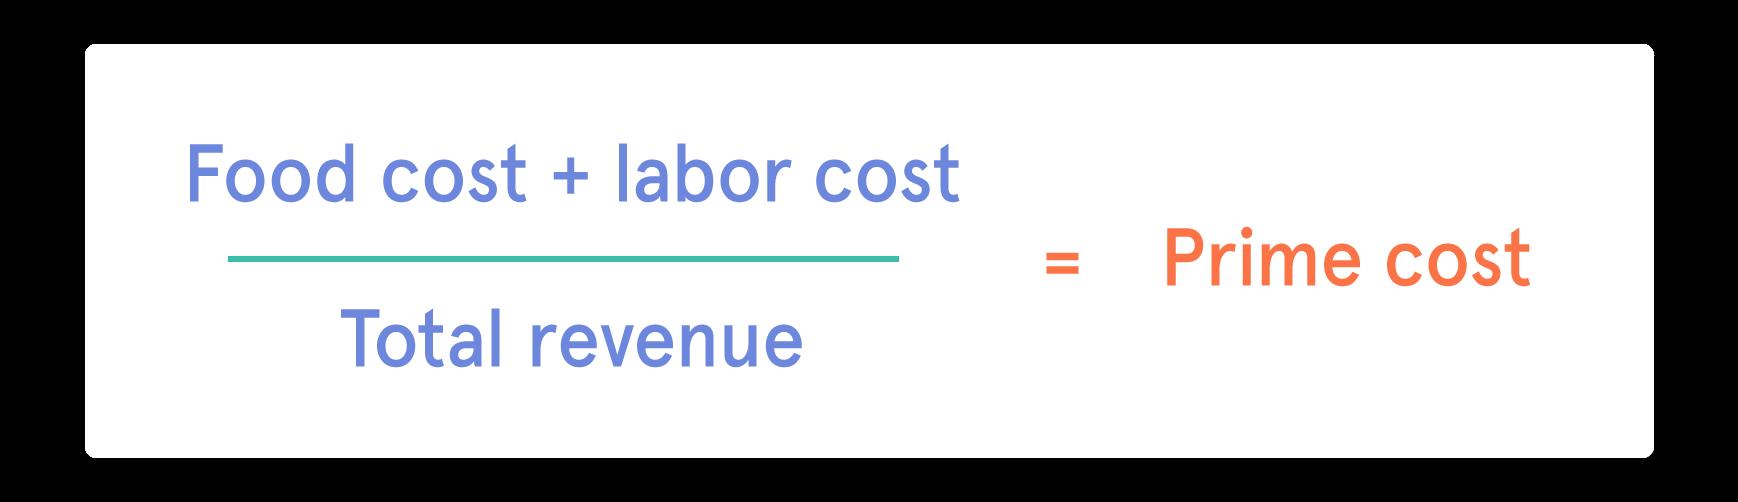 prime-cost